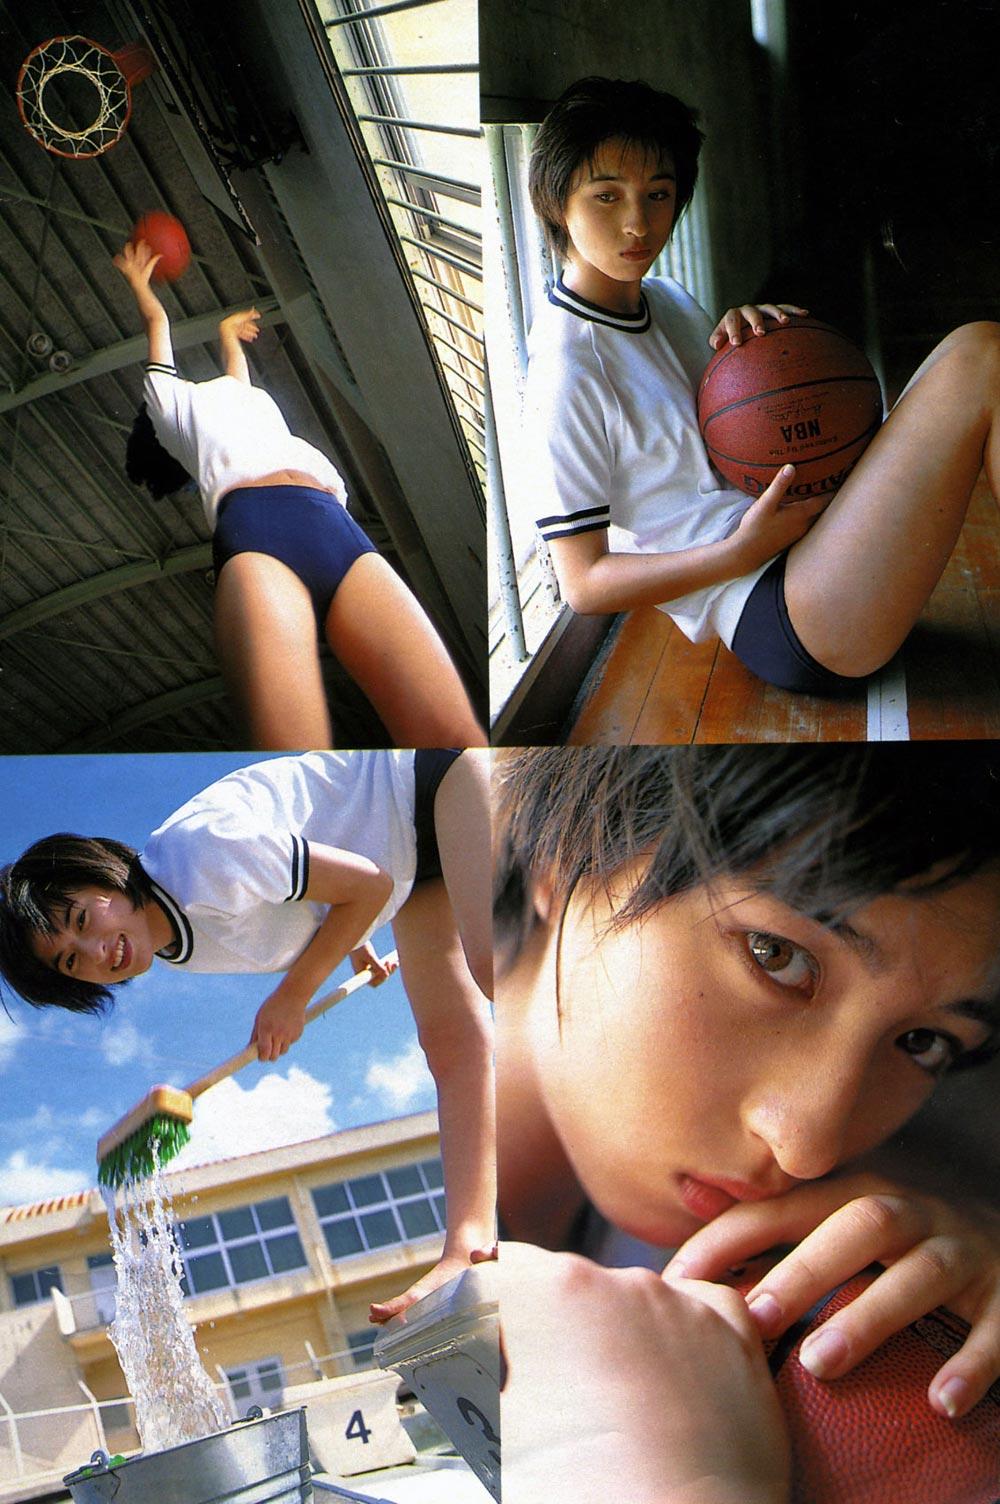 【ブルマ】体操服画像を集めるスレ【Part3】xvideo>10本 fc2>1本 YouTube動画>10本 ->画像>1424枚